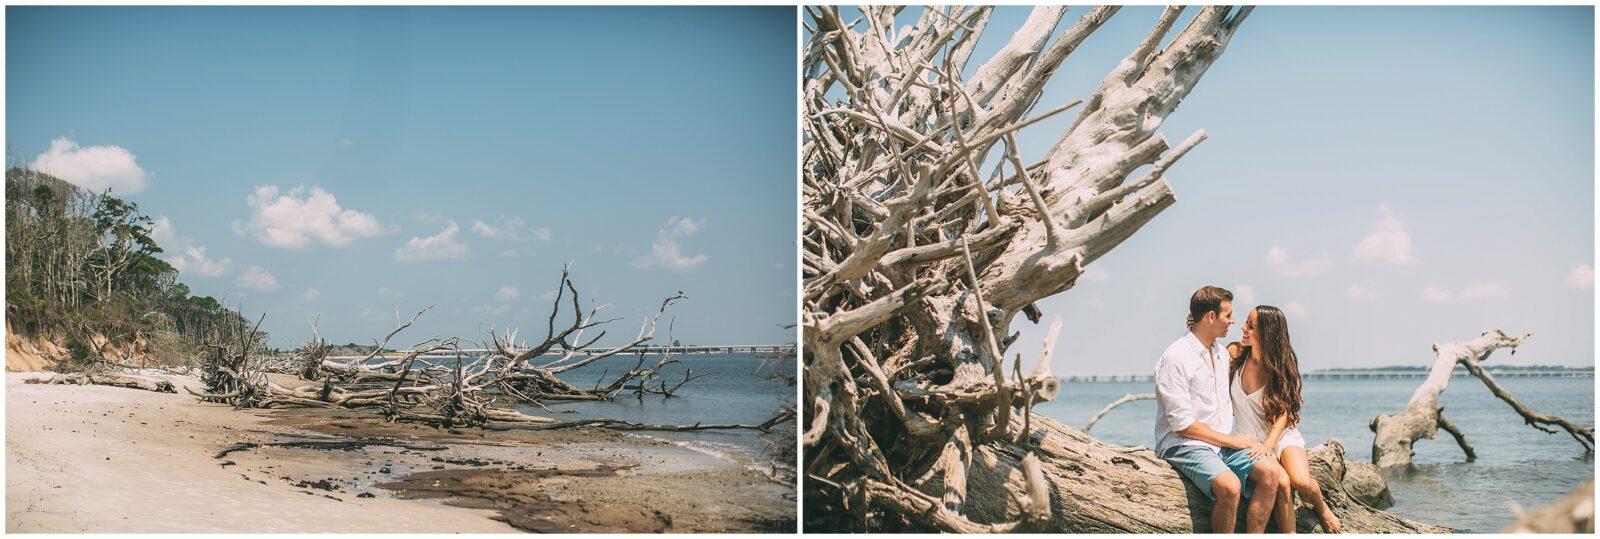 2014-08-22_0026.jpg